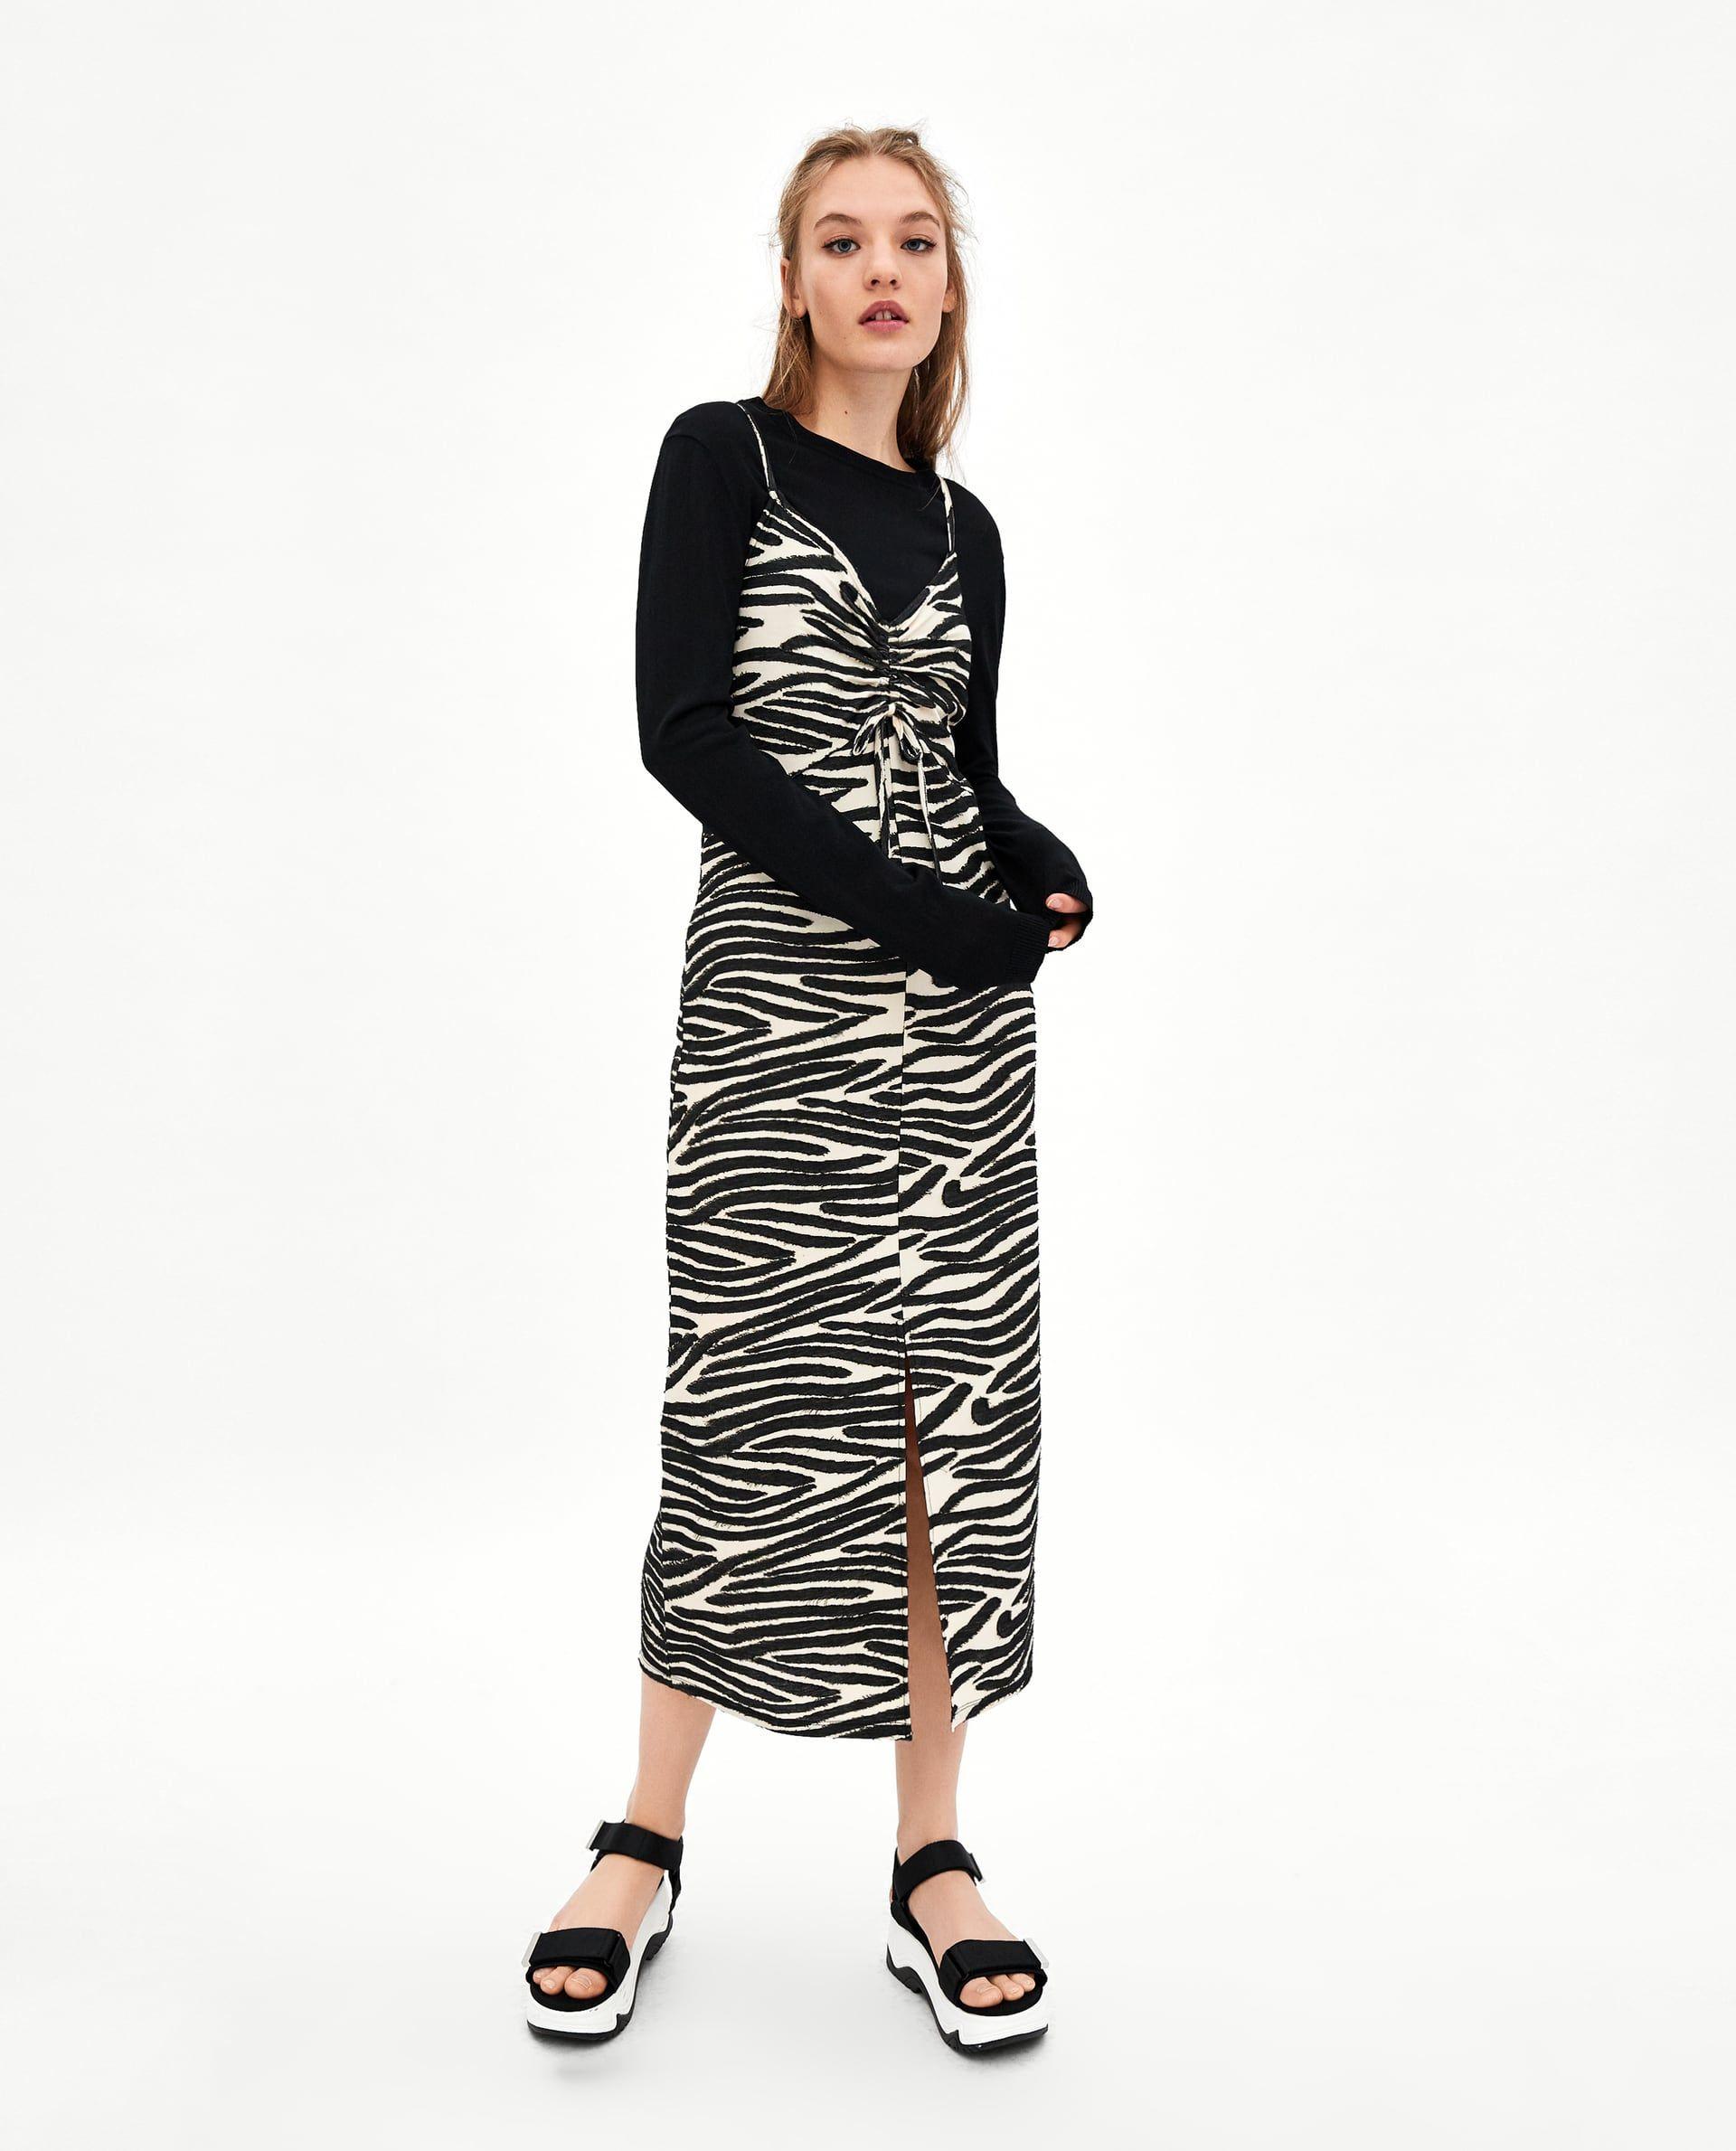 precio justo mejor venta el precio más bajo VESTIDO LENCERO CEBRA   dresses/jumpsuits!   Animal print ...